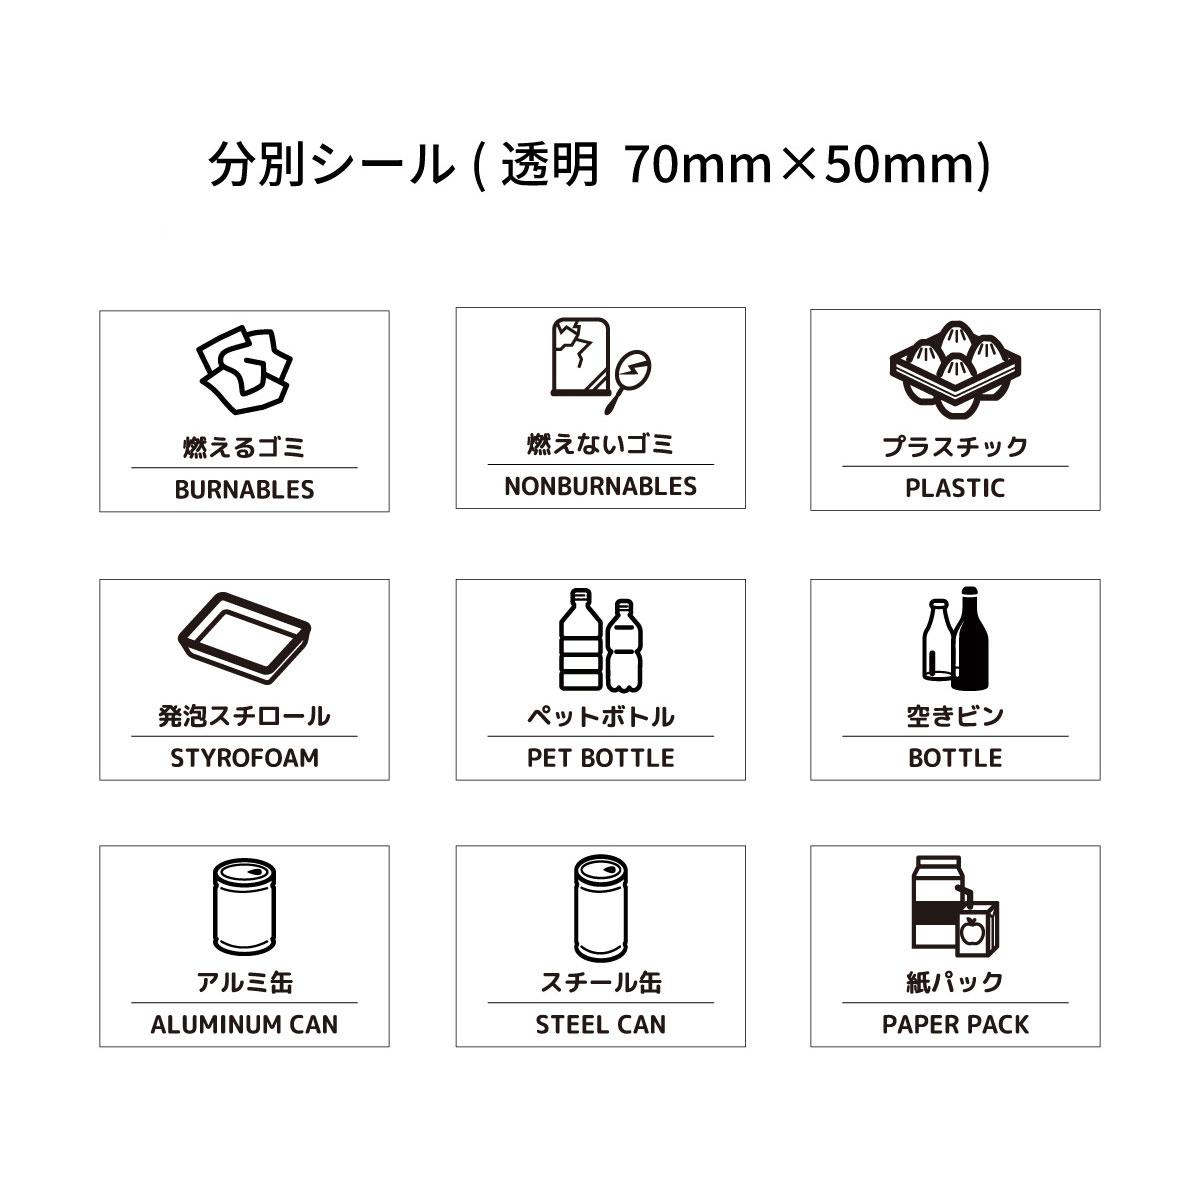 ごみ ごみ箱 分別 リサイクル エコ 店 シール ゴミ 透明 70mm×50mmゴミ箱 リサイクルボックス 燃えるゴミ アルミ缶 ペットボトル 安い プラスチック 空きビン クリア 紙パック シンプル スチール缶 燃えないゴミ 発泡スチロール